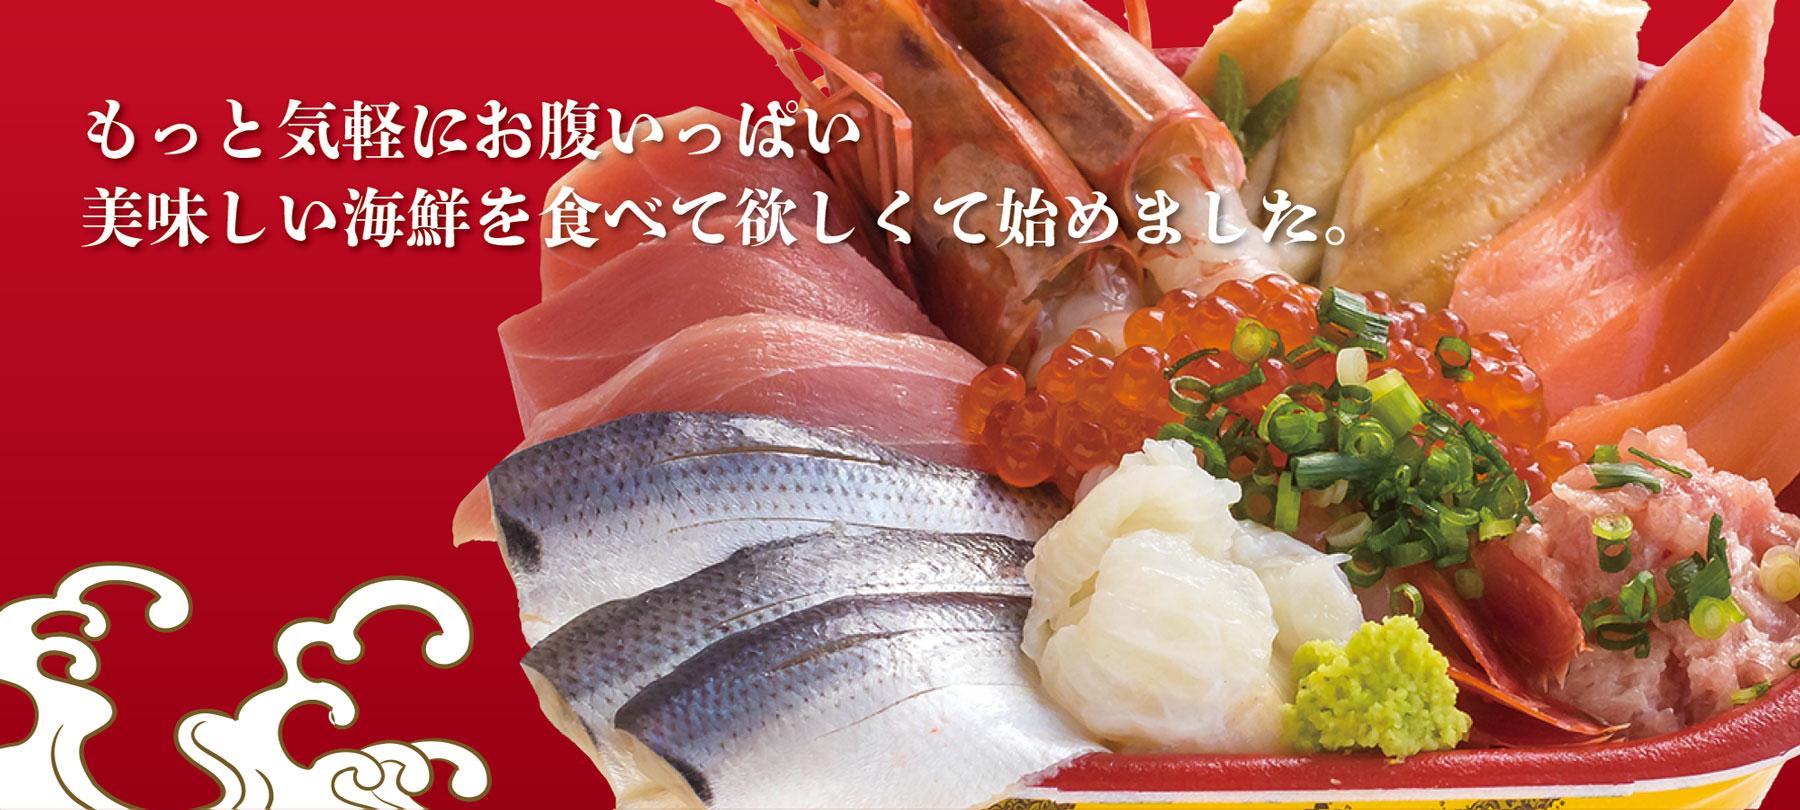 もっと気軽にお腹いっぱい美味しい海鮮を食べて欲しくて始めました。